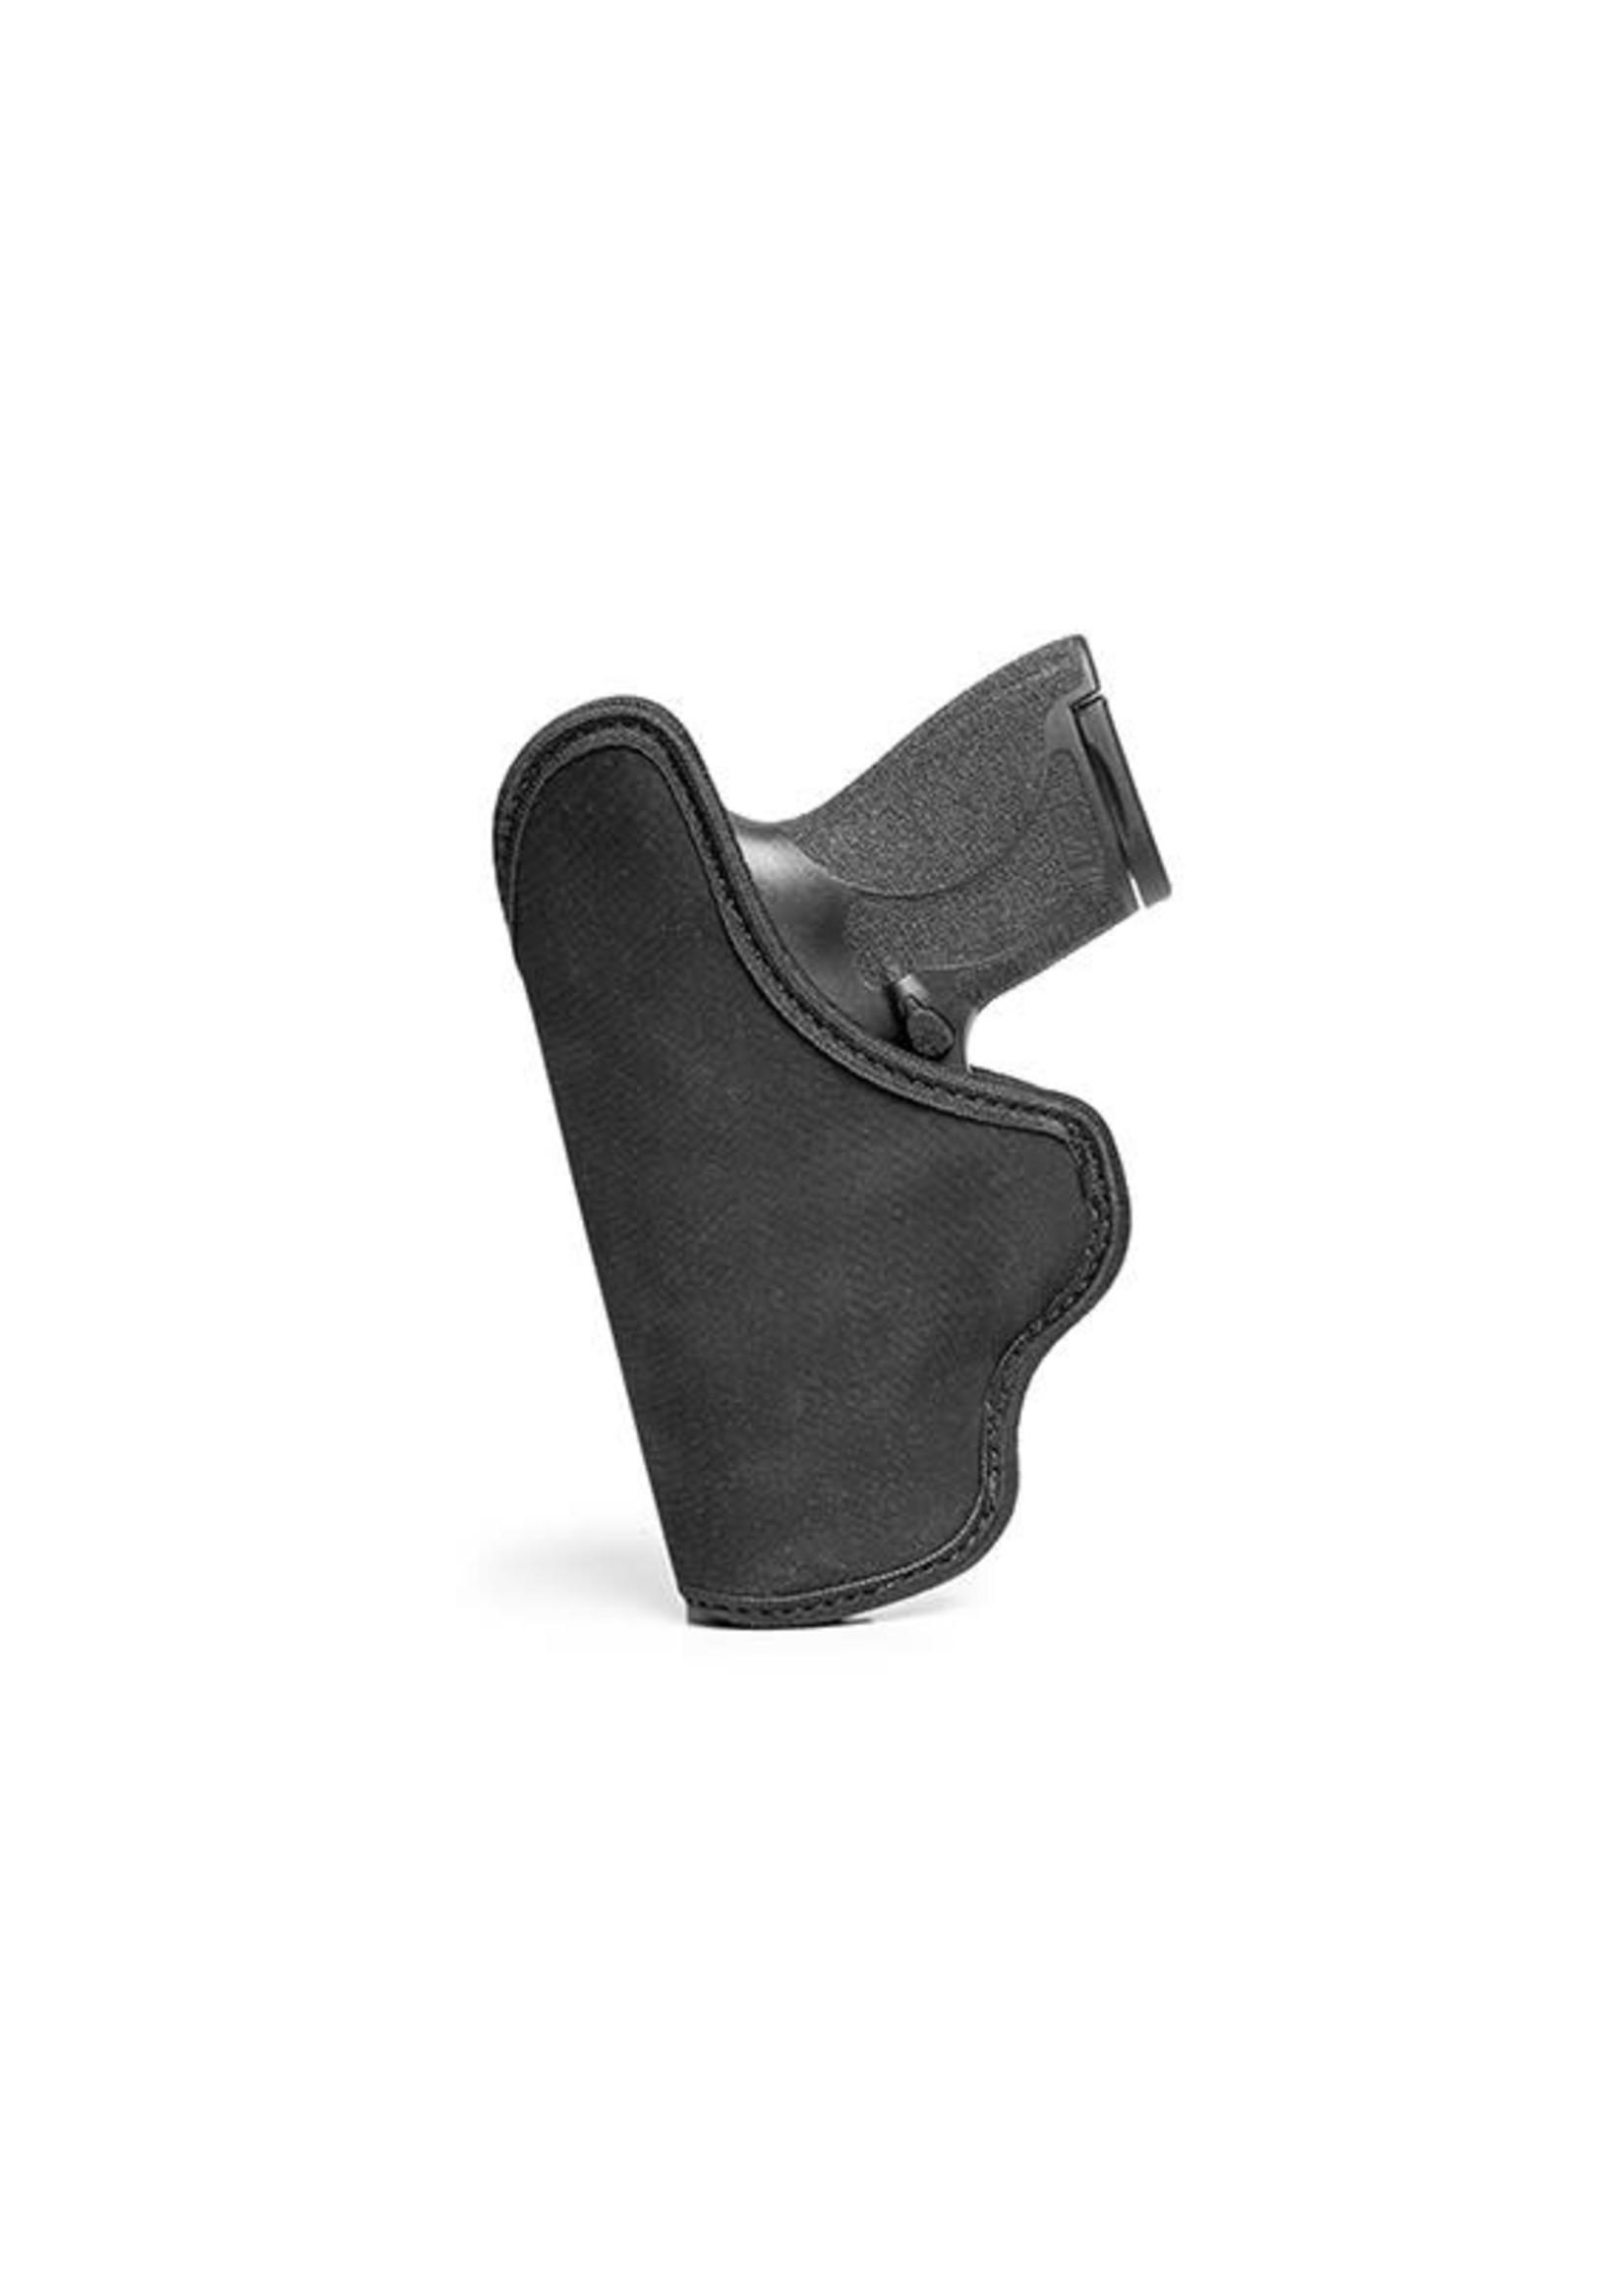 Alien Gear Holsters Alien Gear Grip Tuck Universal Holster - Micro, RH